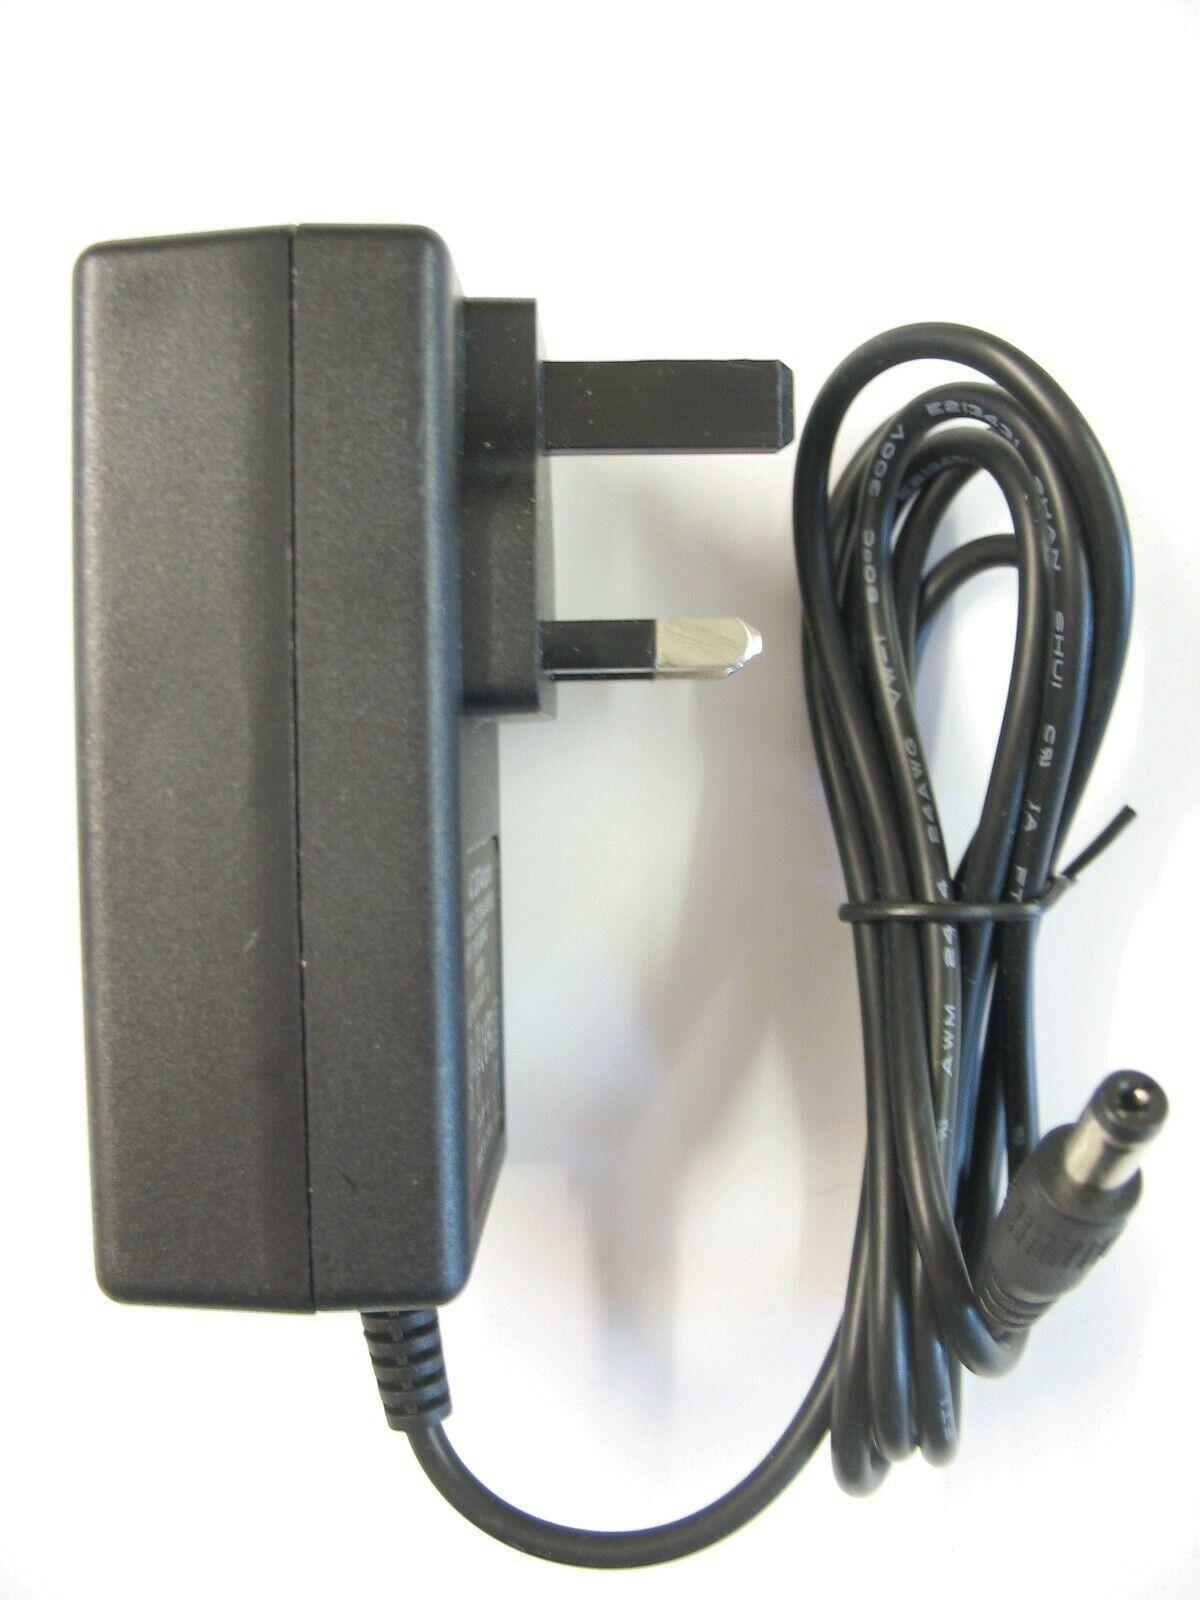 1 amp 24 volt AC-DC Mains Regulated Power Adaptor/Supply/Charger (24 watt)